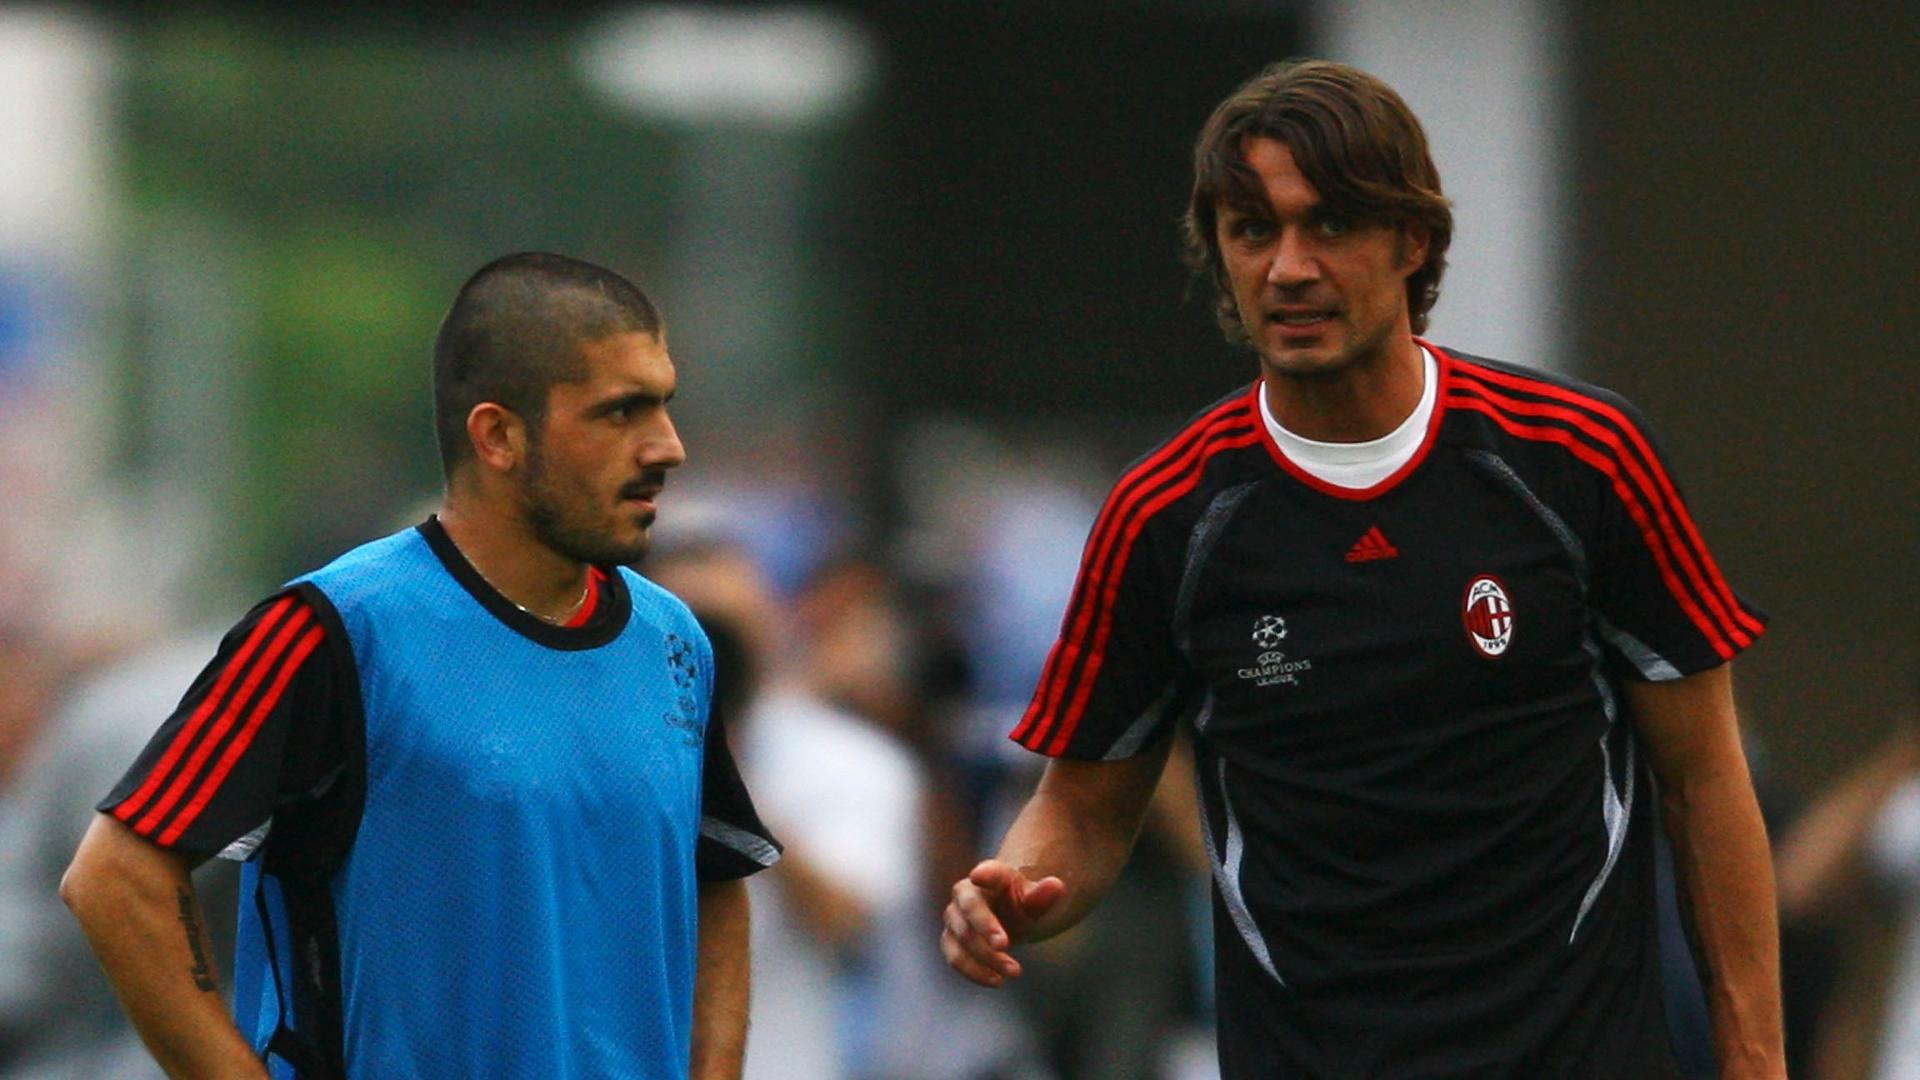 Paolo Maldini Gennaro AC Milan